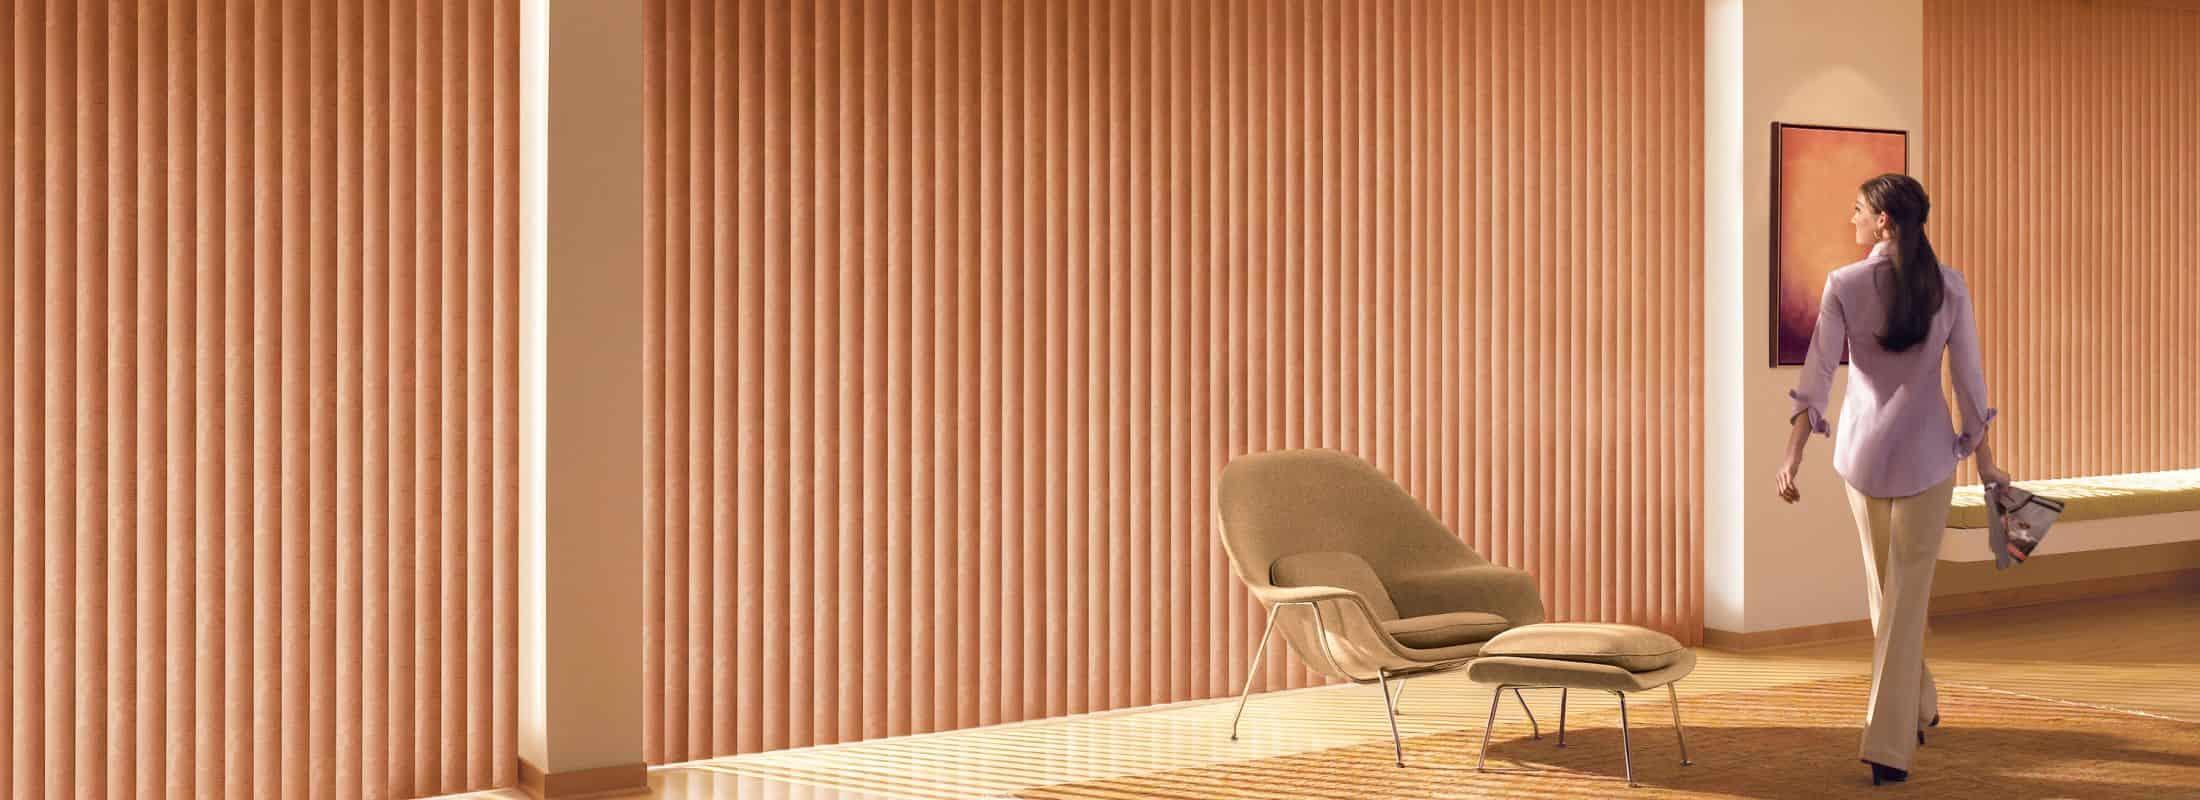 somner-vertical-blinds-carousel-01